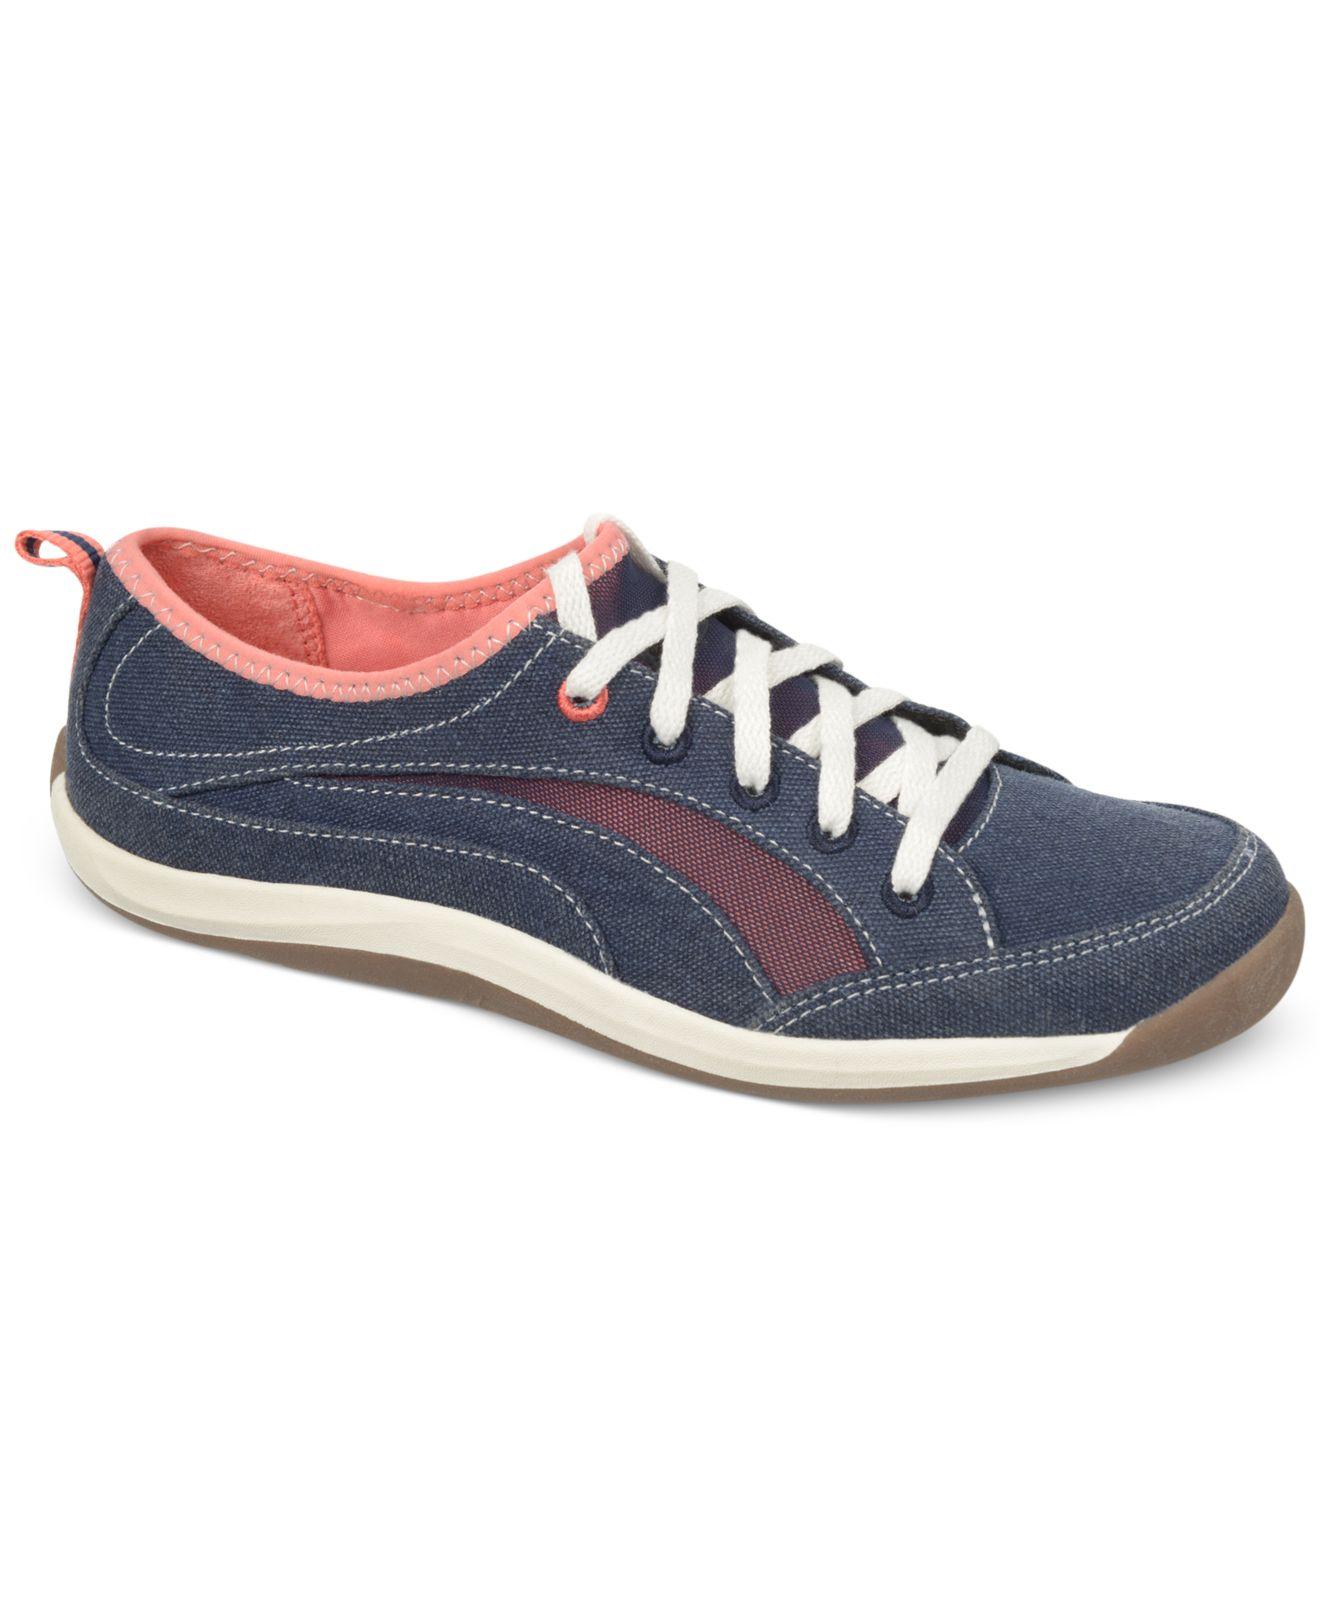 Dr Scholls Shoes Uk